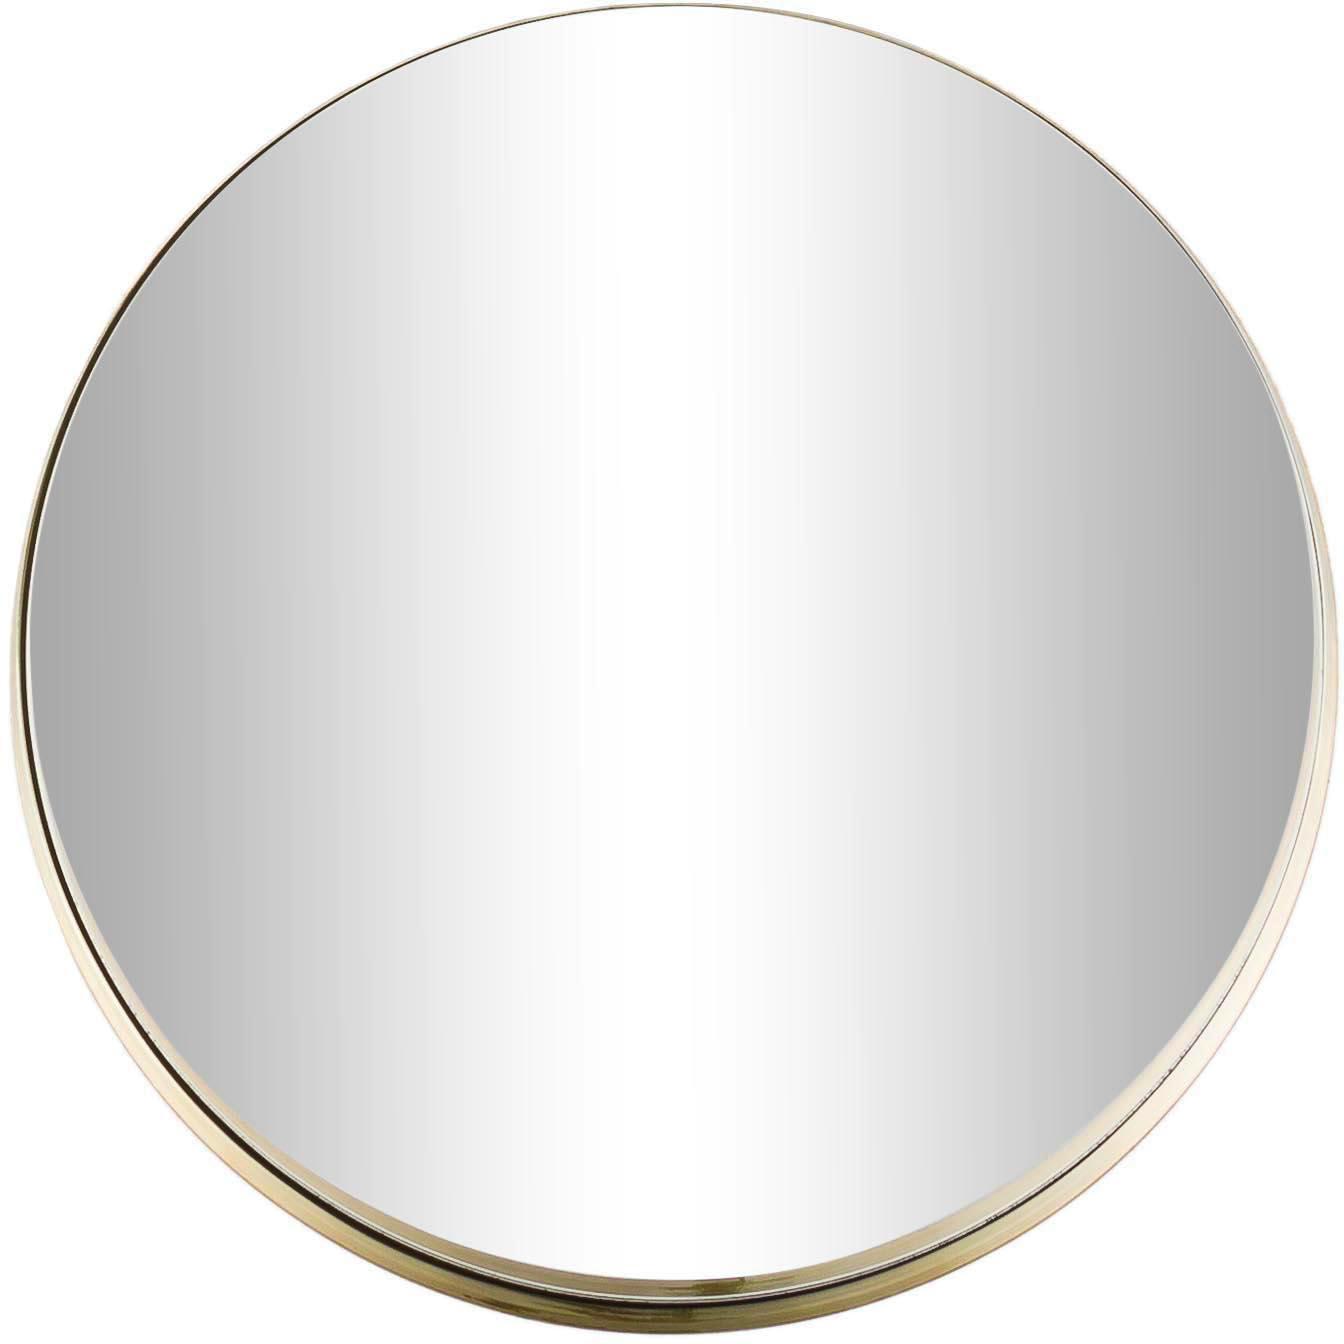 Okrągłe lustro ścienne Metal, Rama: odcienie złotego Szkło lustrzane, Ø 51 cm